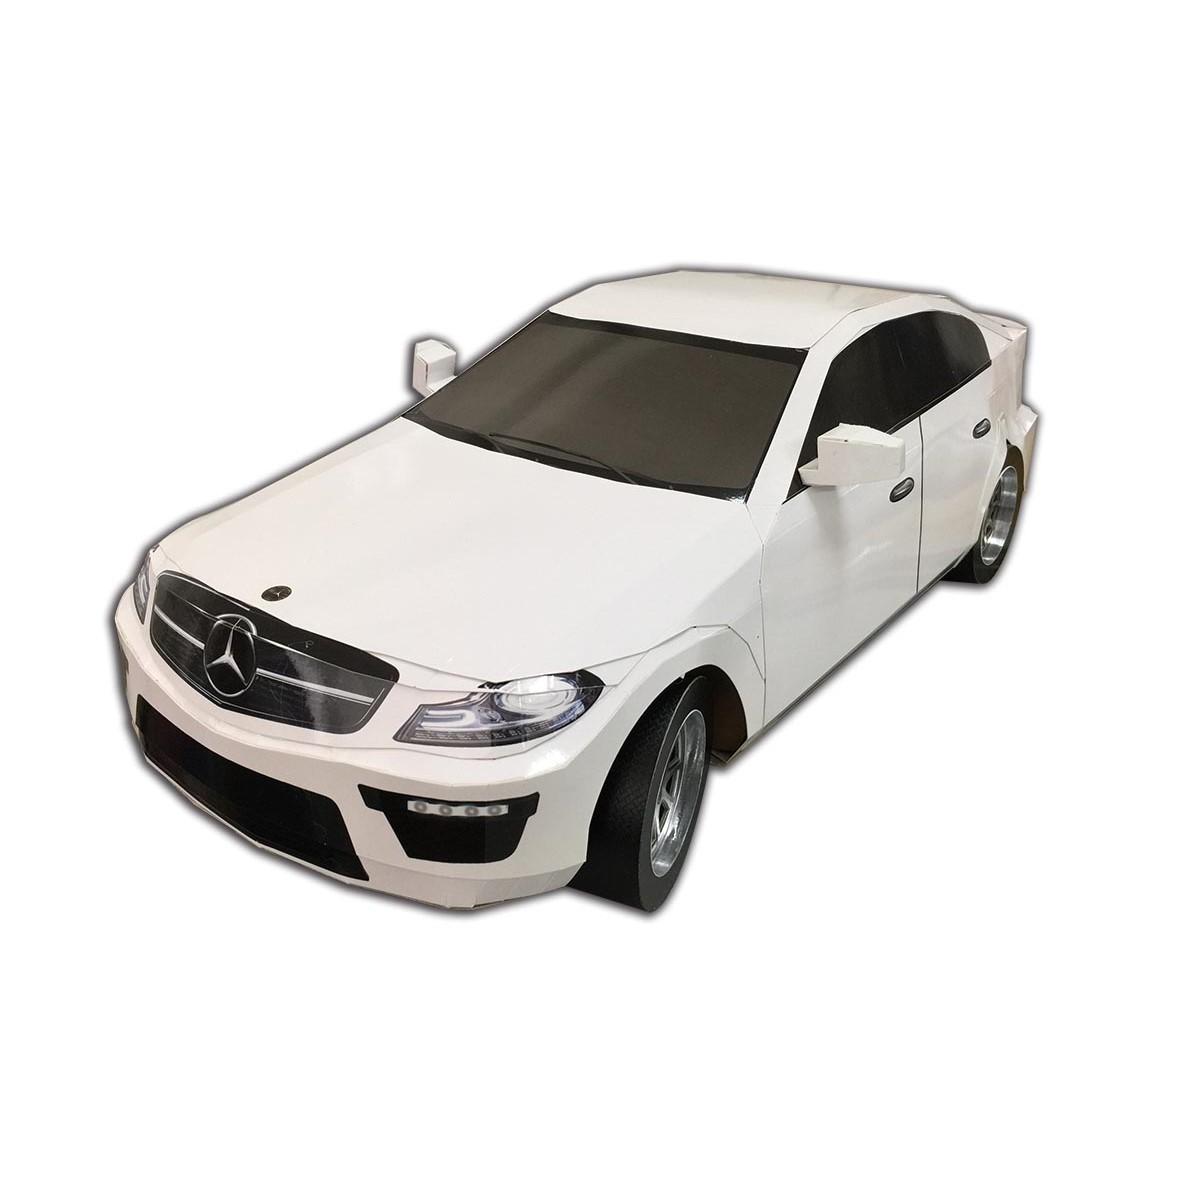 賓士白色轎車一台